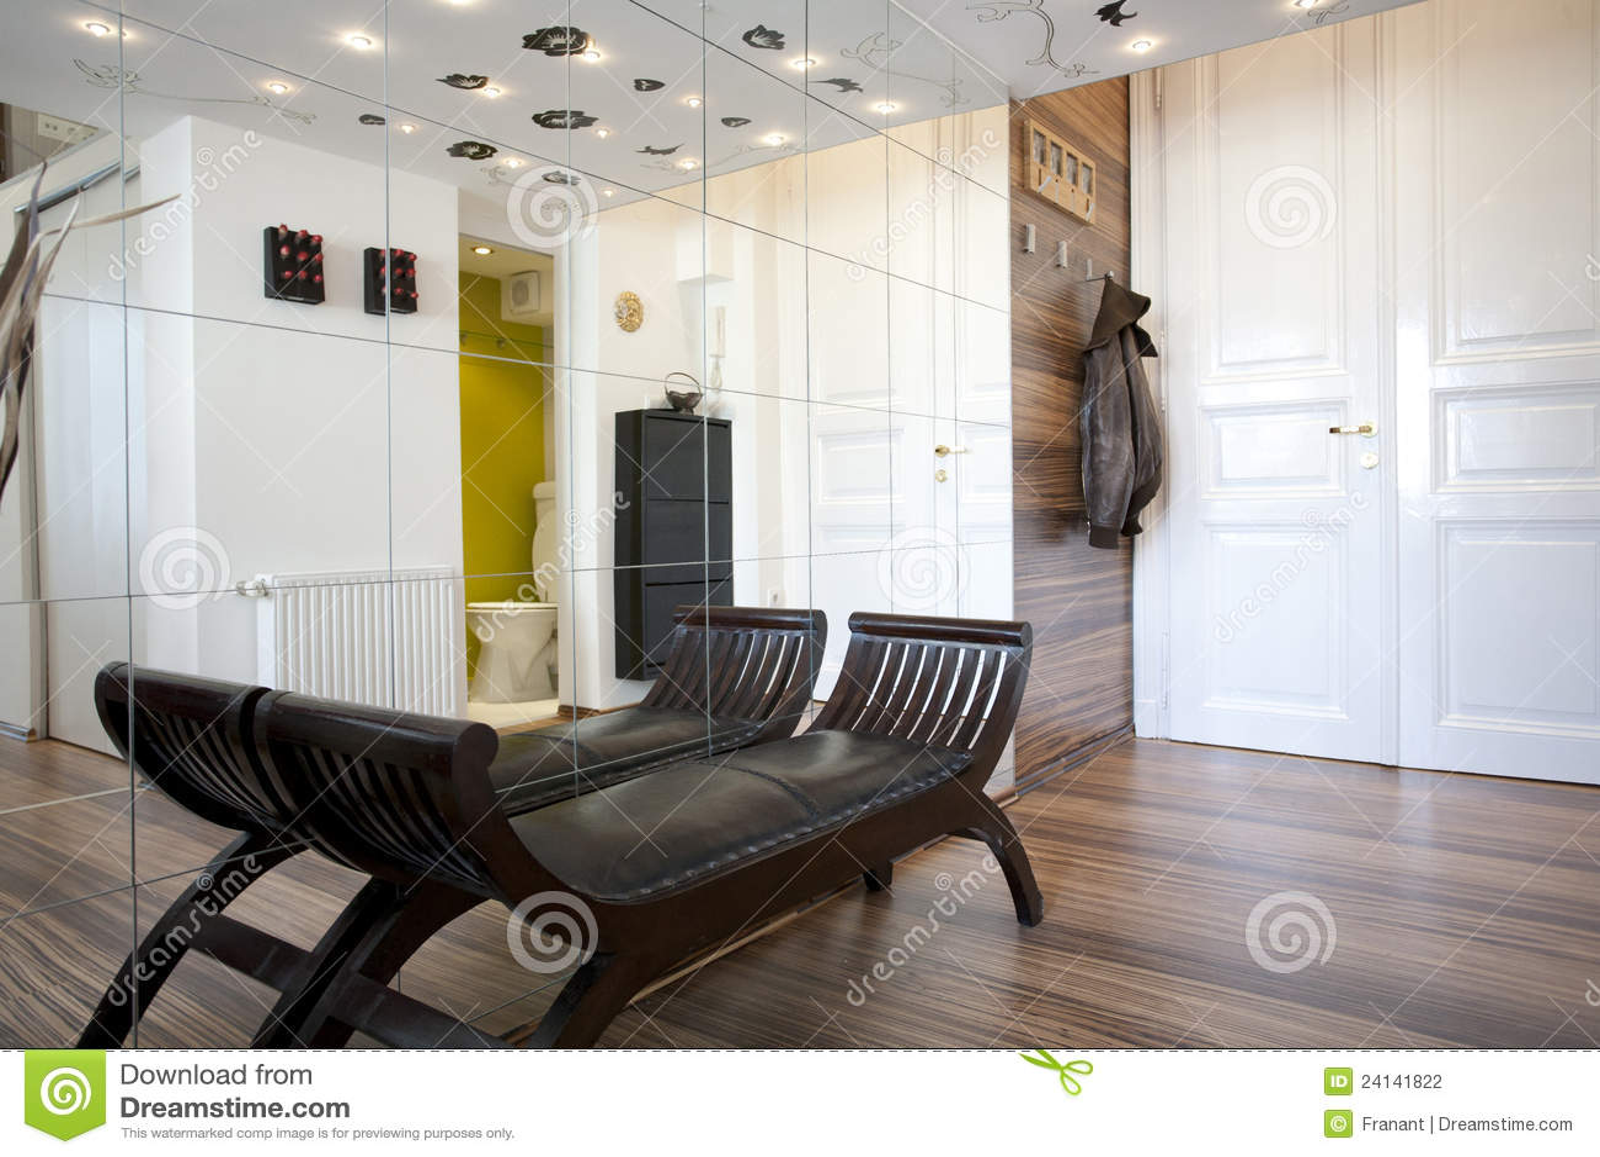 De hal binnenlands ontwerp van het huis stock foto afbeelding 24141822 - Hal ingang design huis ...